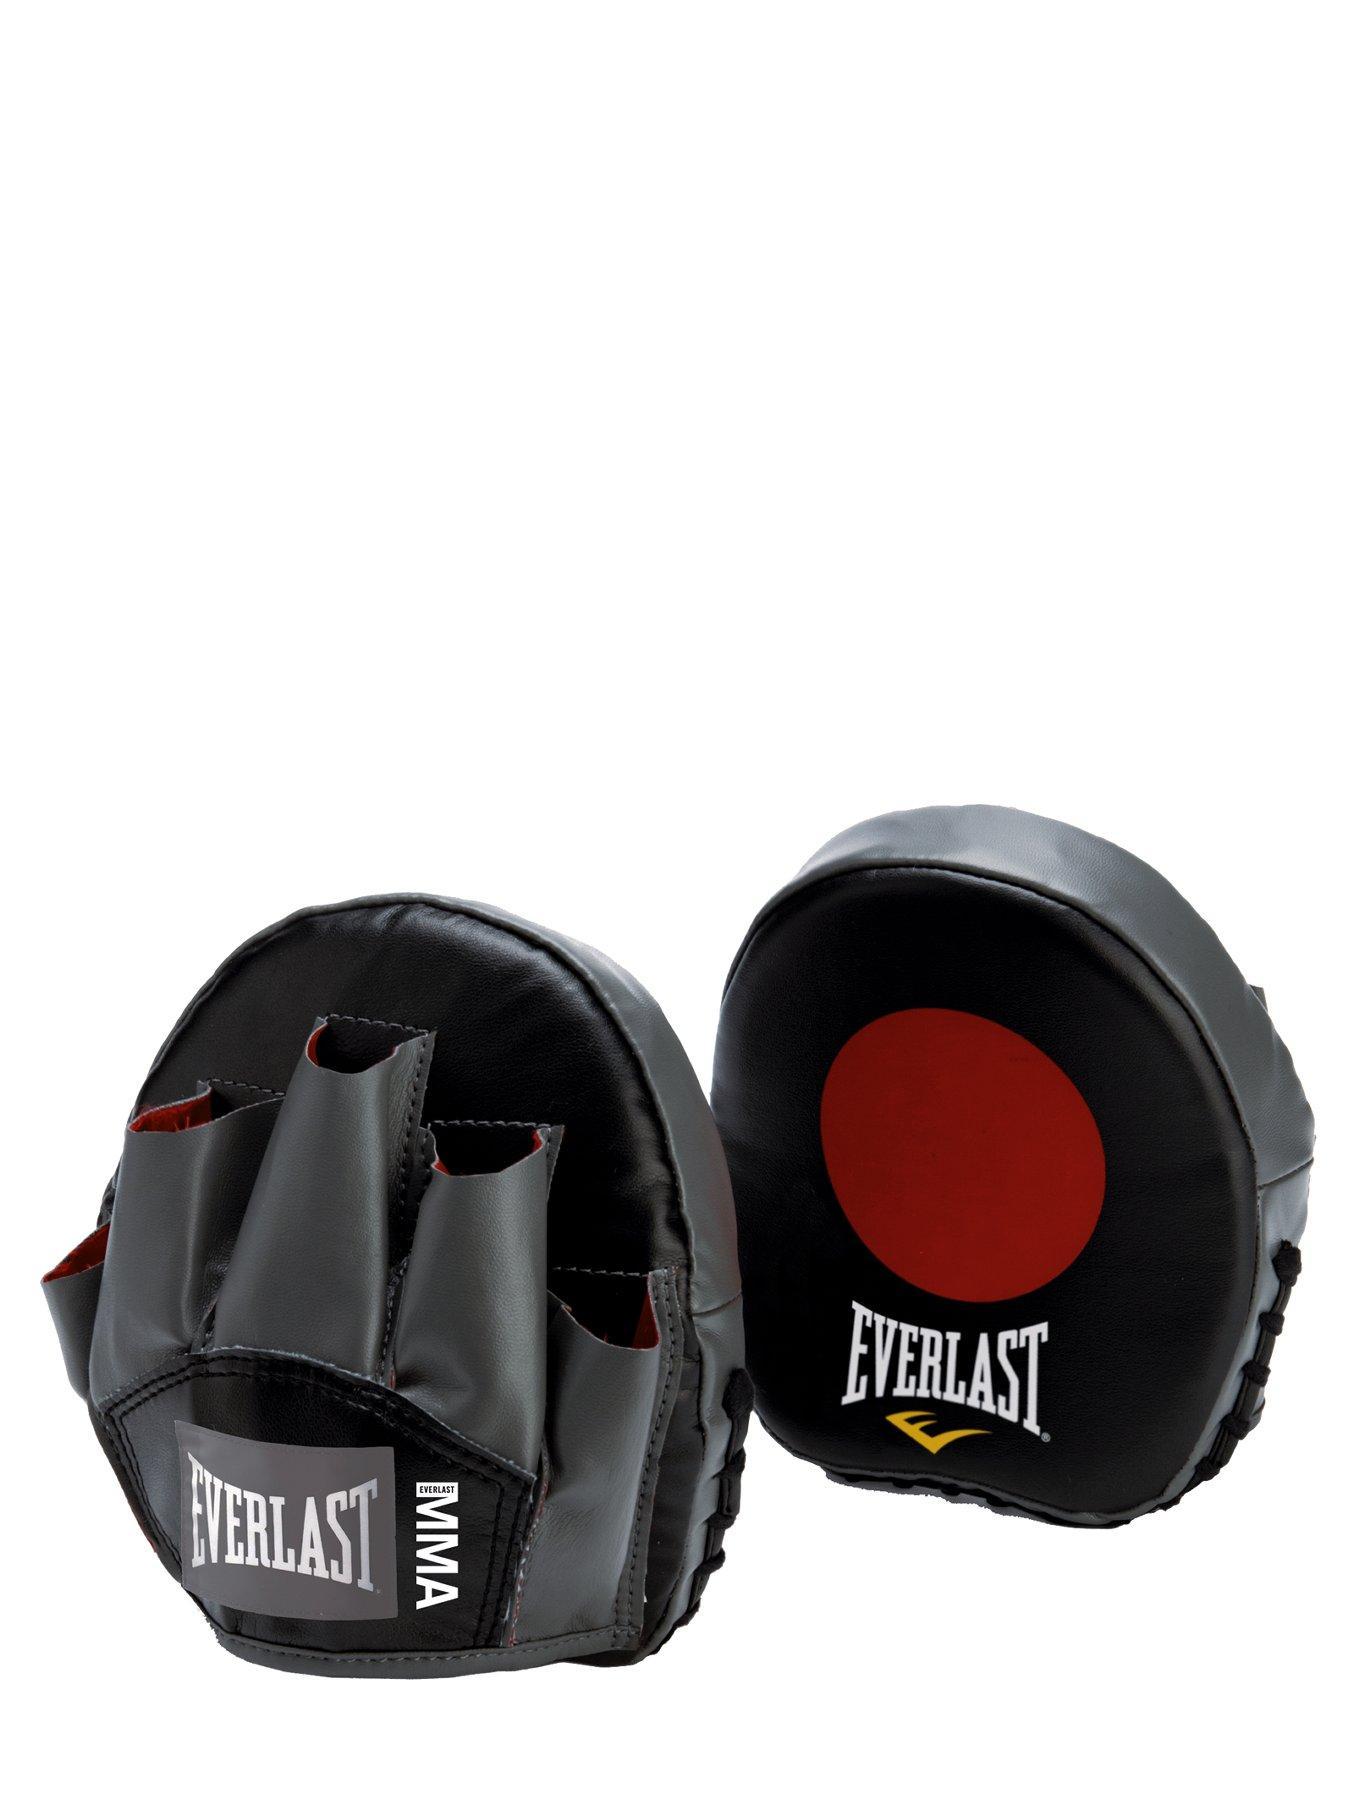 Everlast MMA Focus Mitts